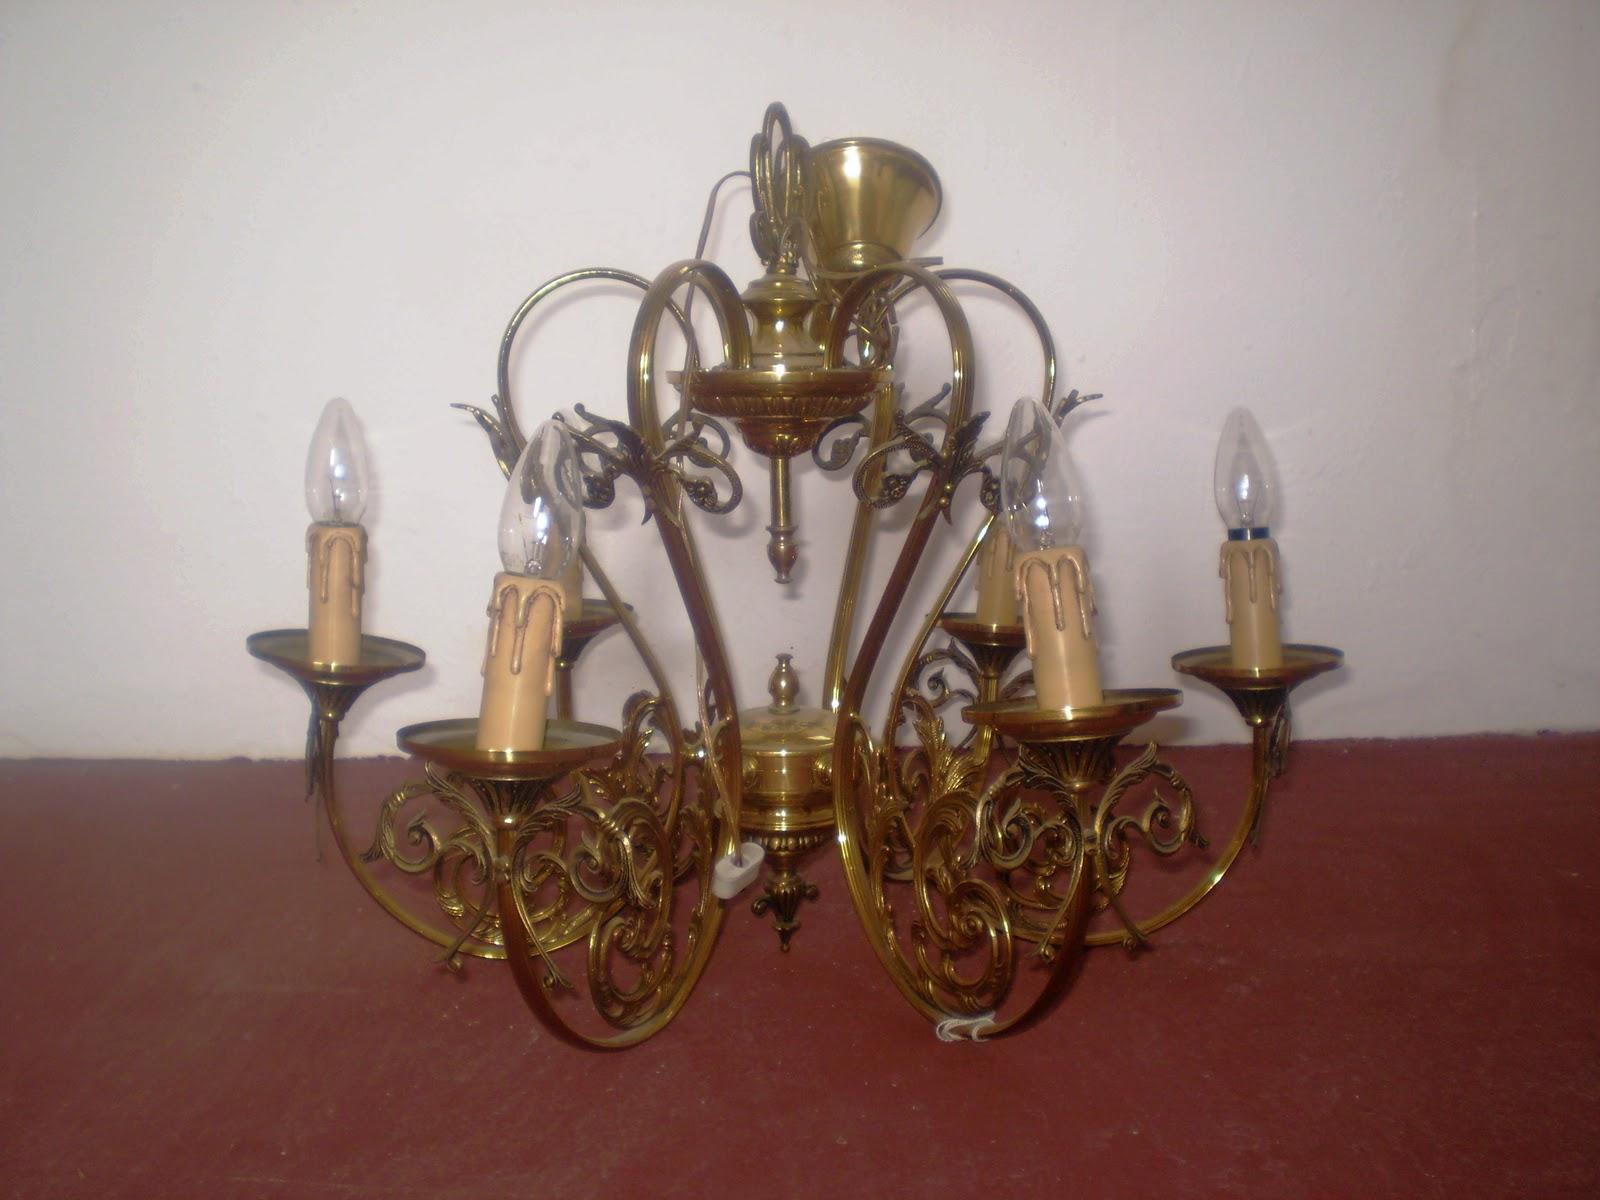 Restauracion muebles compra venta de lamparas antiguas - Lamparas de cristal antiguas ...